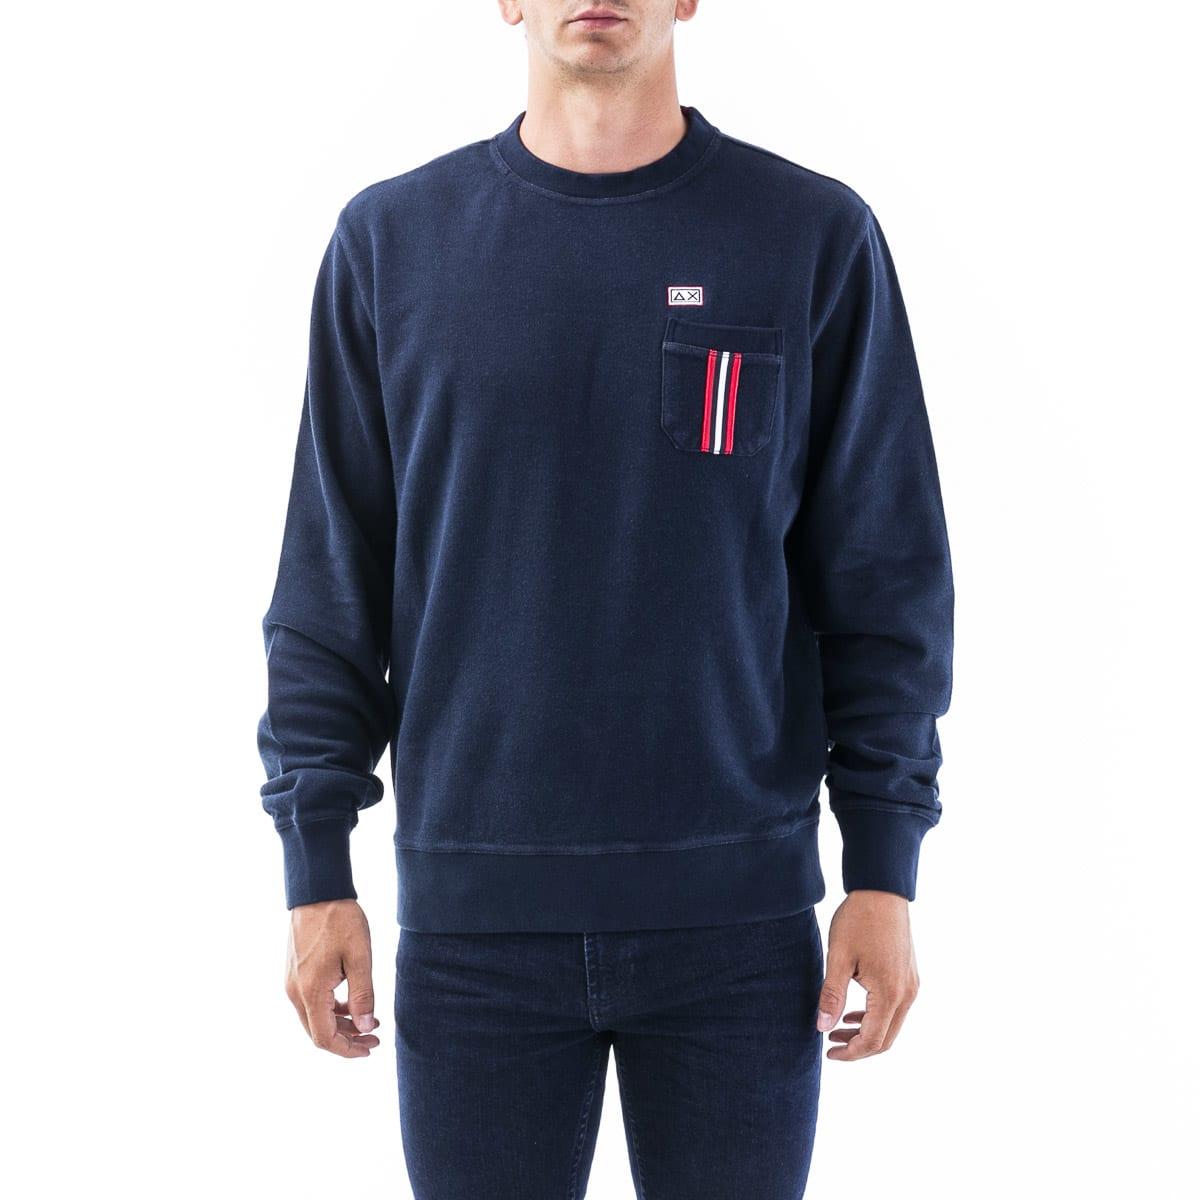 Sun68 Cotton Sweatshirt